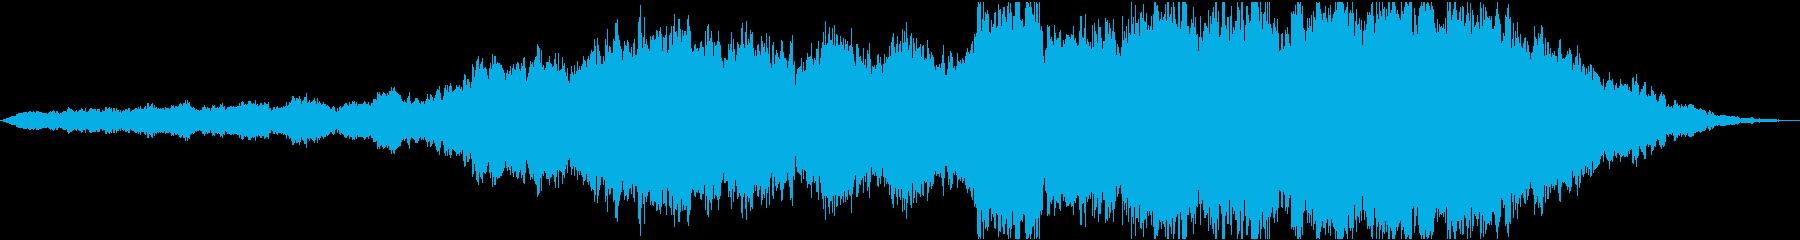 現代的 交響曲 広い 壮大 感情的...の再生済みの波形